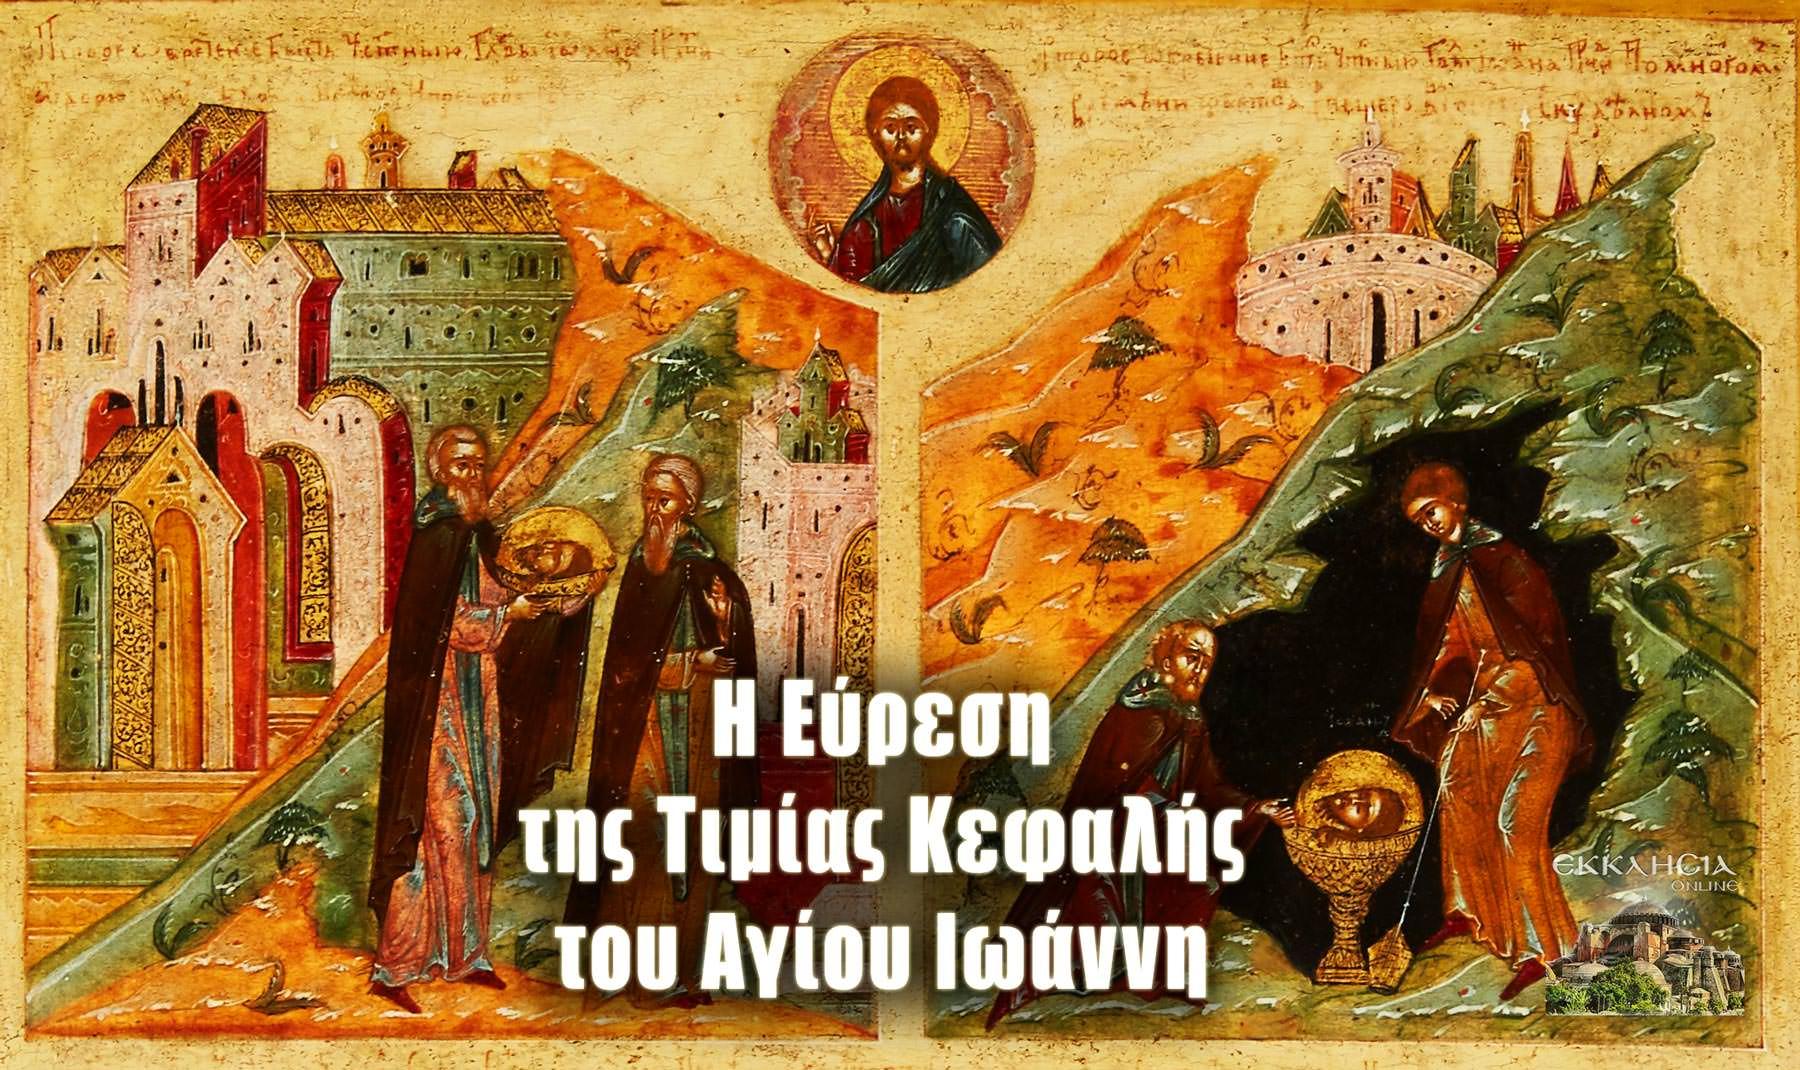 Εύρεση Τιμίας κεφαλής Αγίου Ιωάννου 24 Φεβρουαρίου